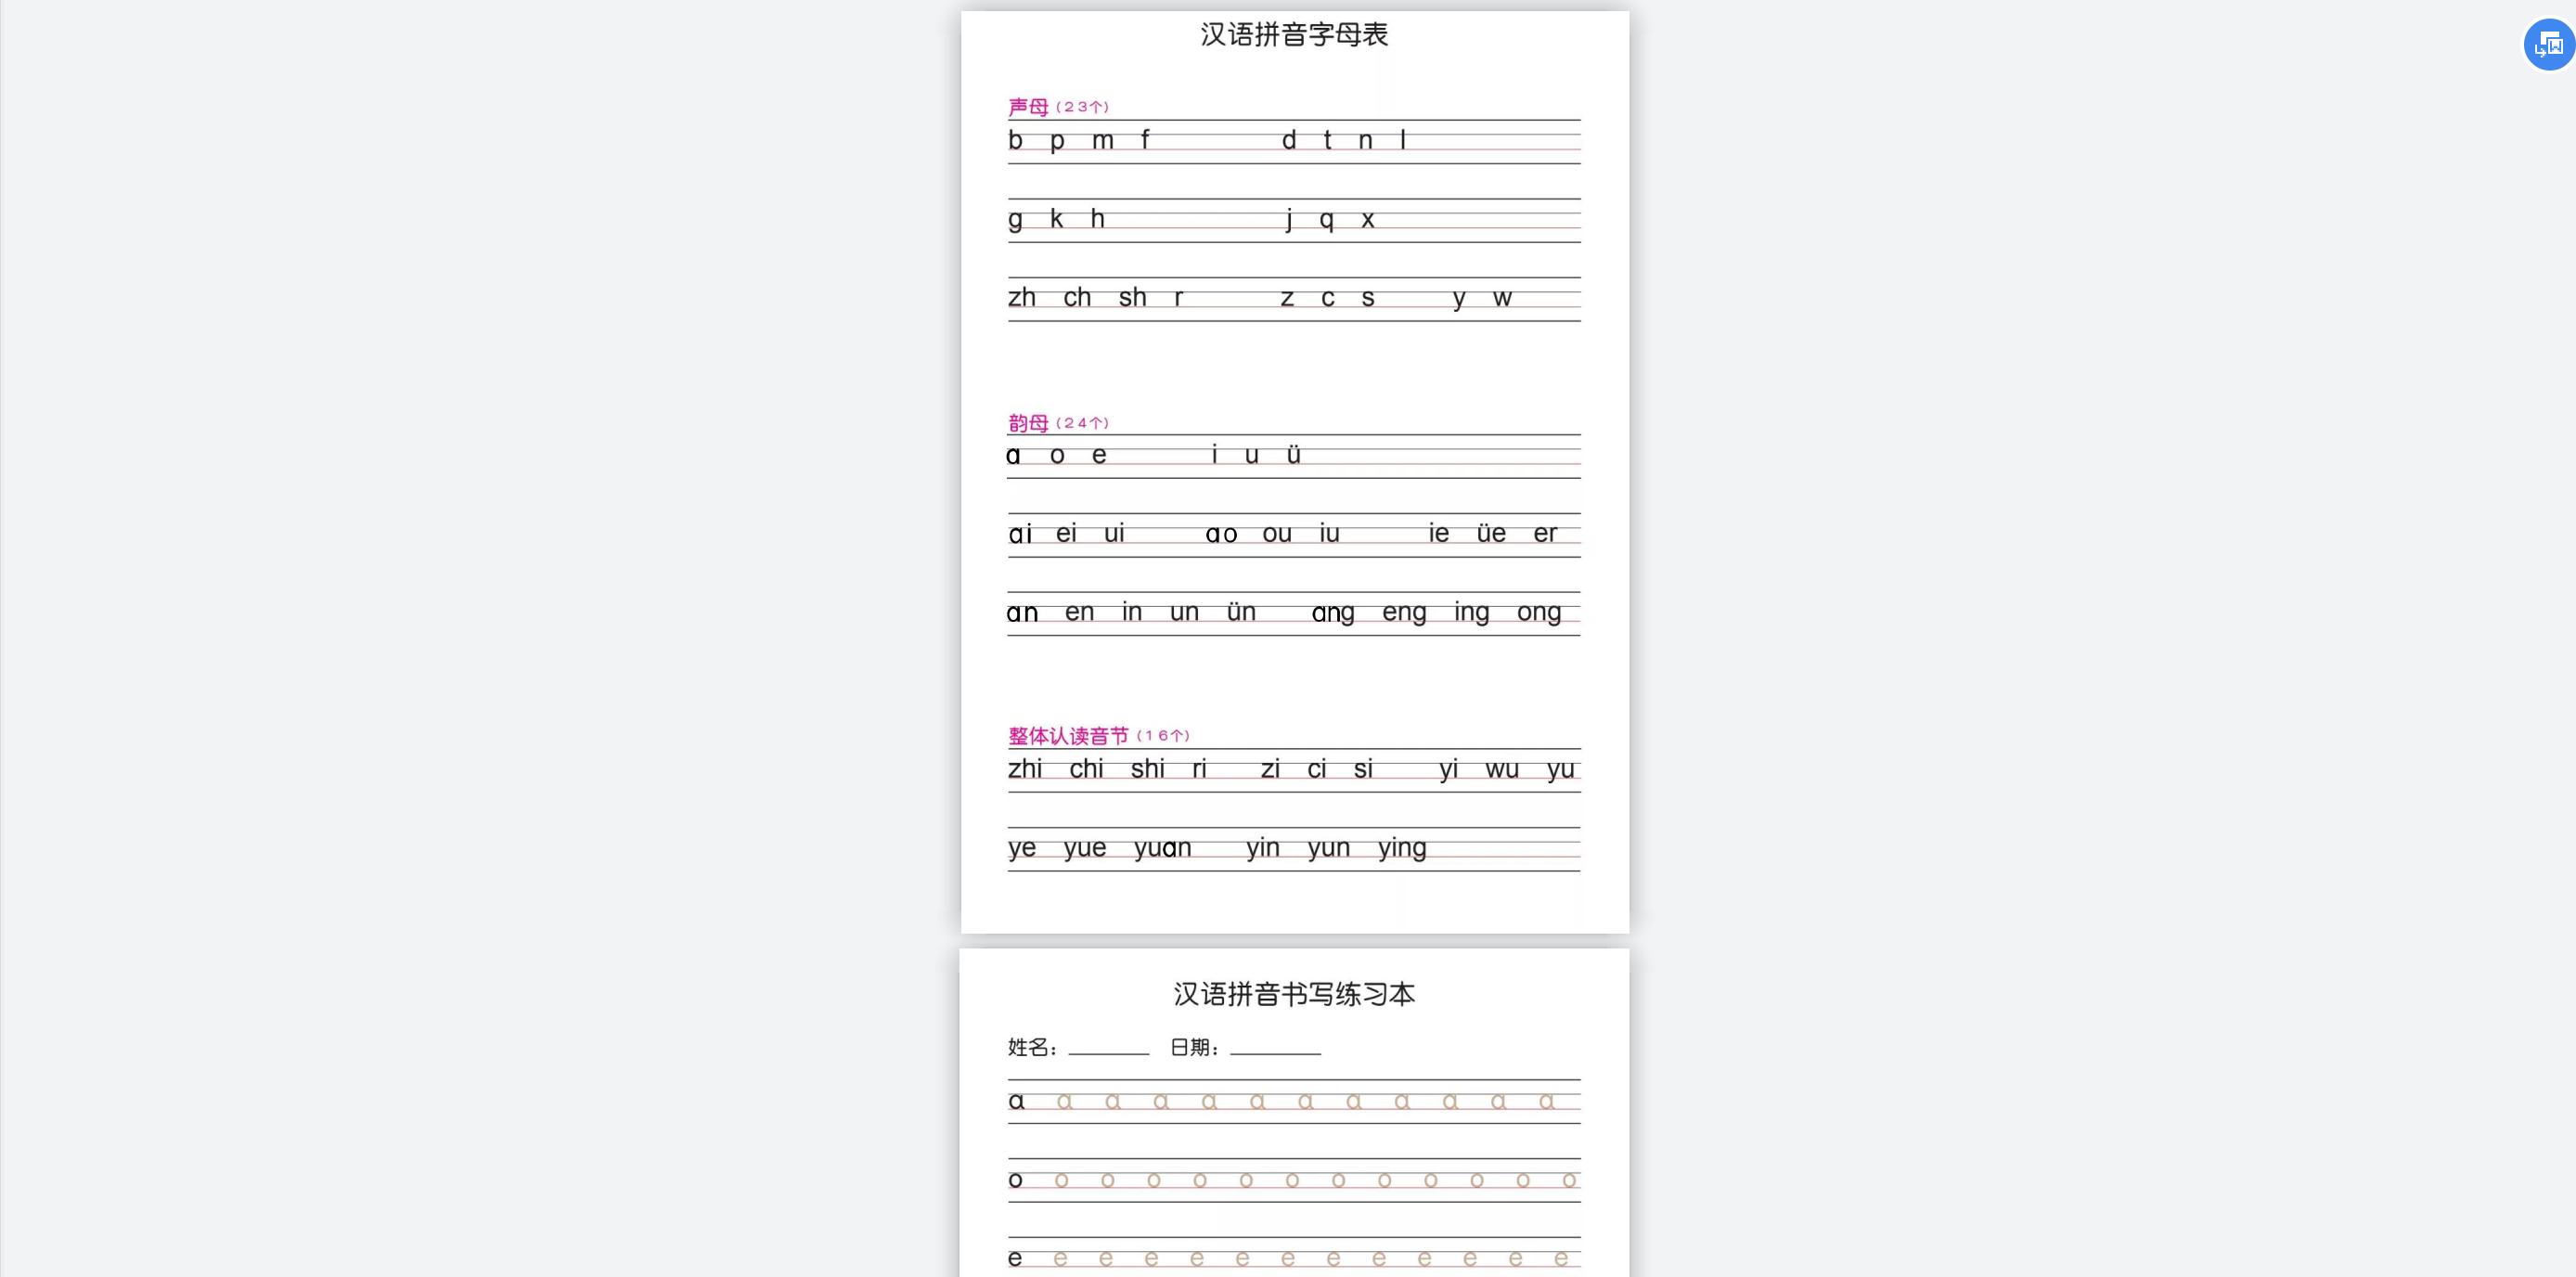 幼儿汉语拼音字母表可打印